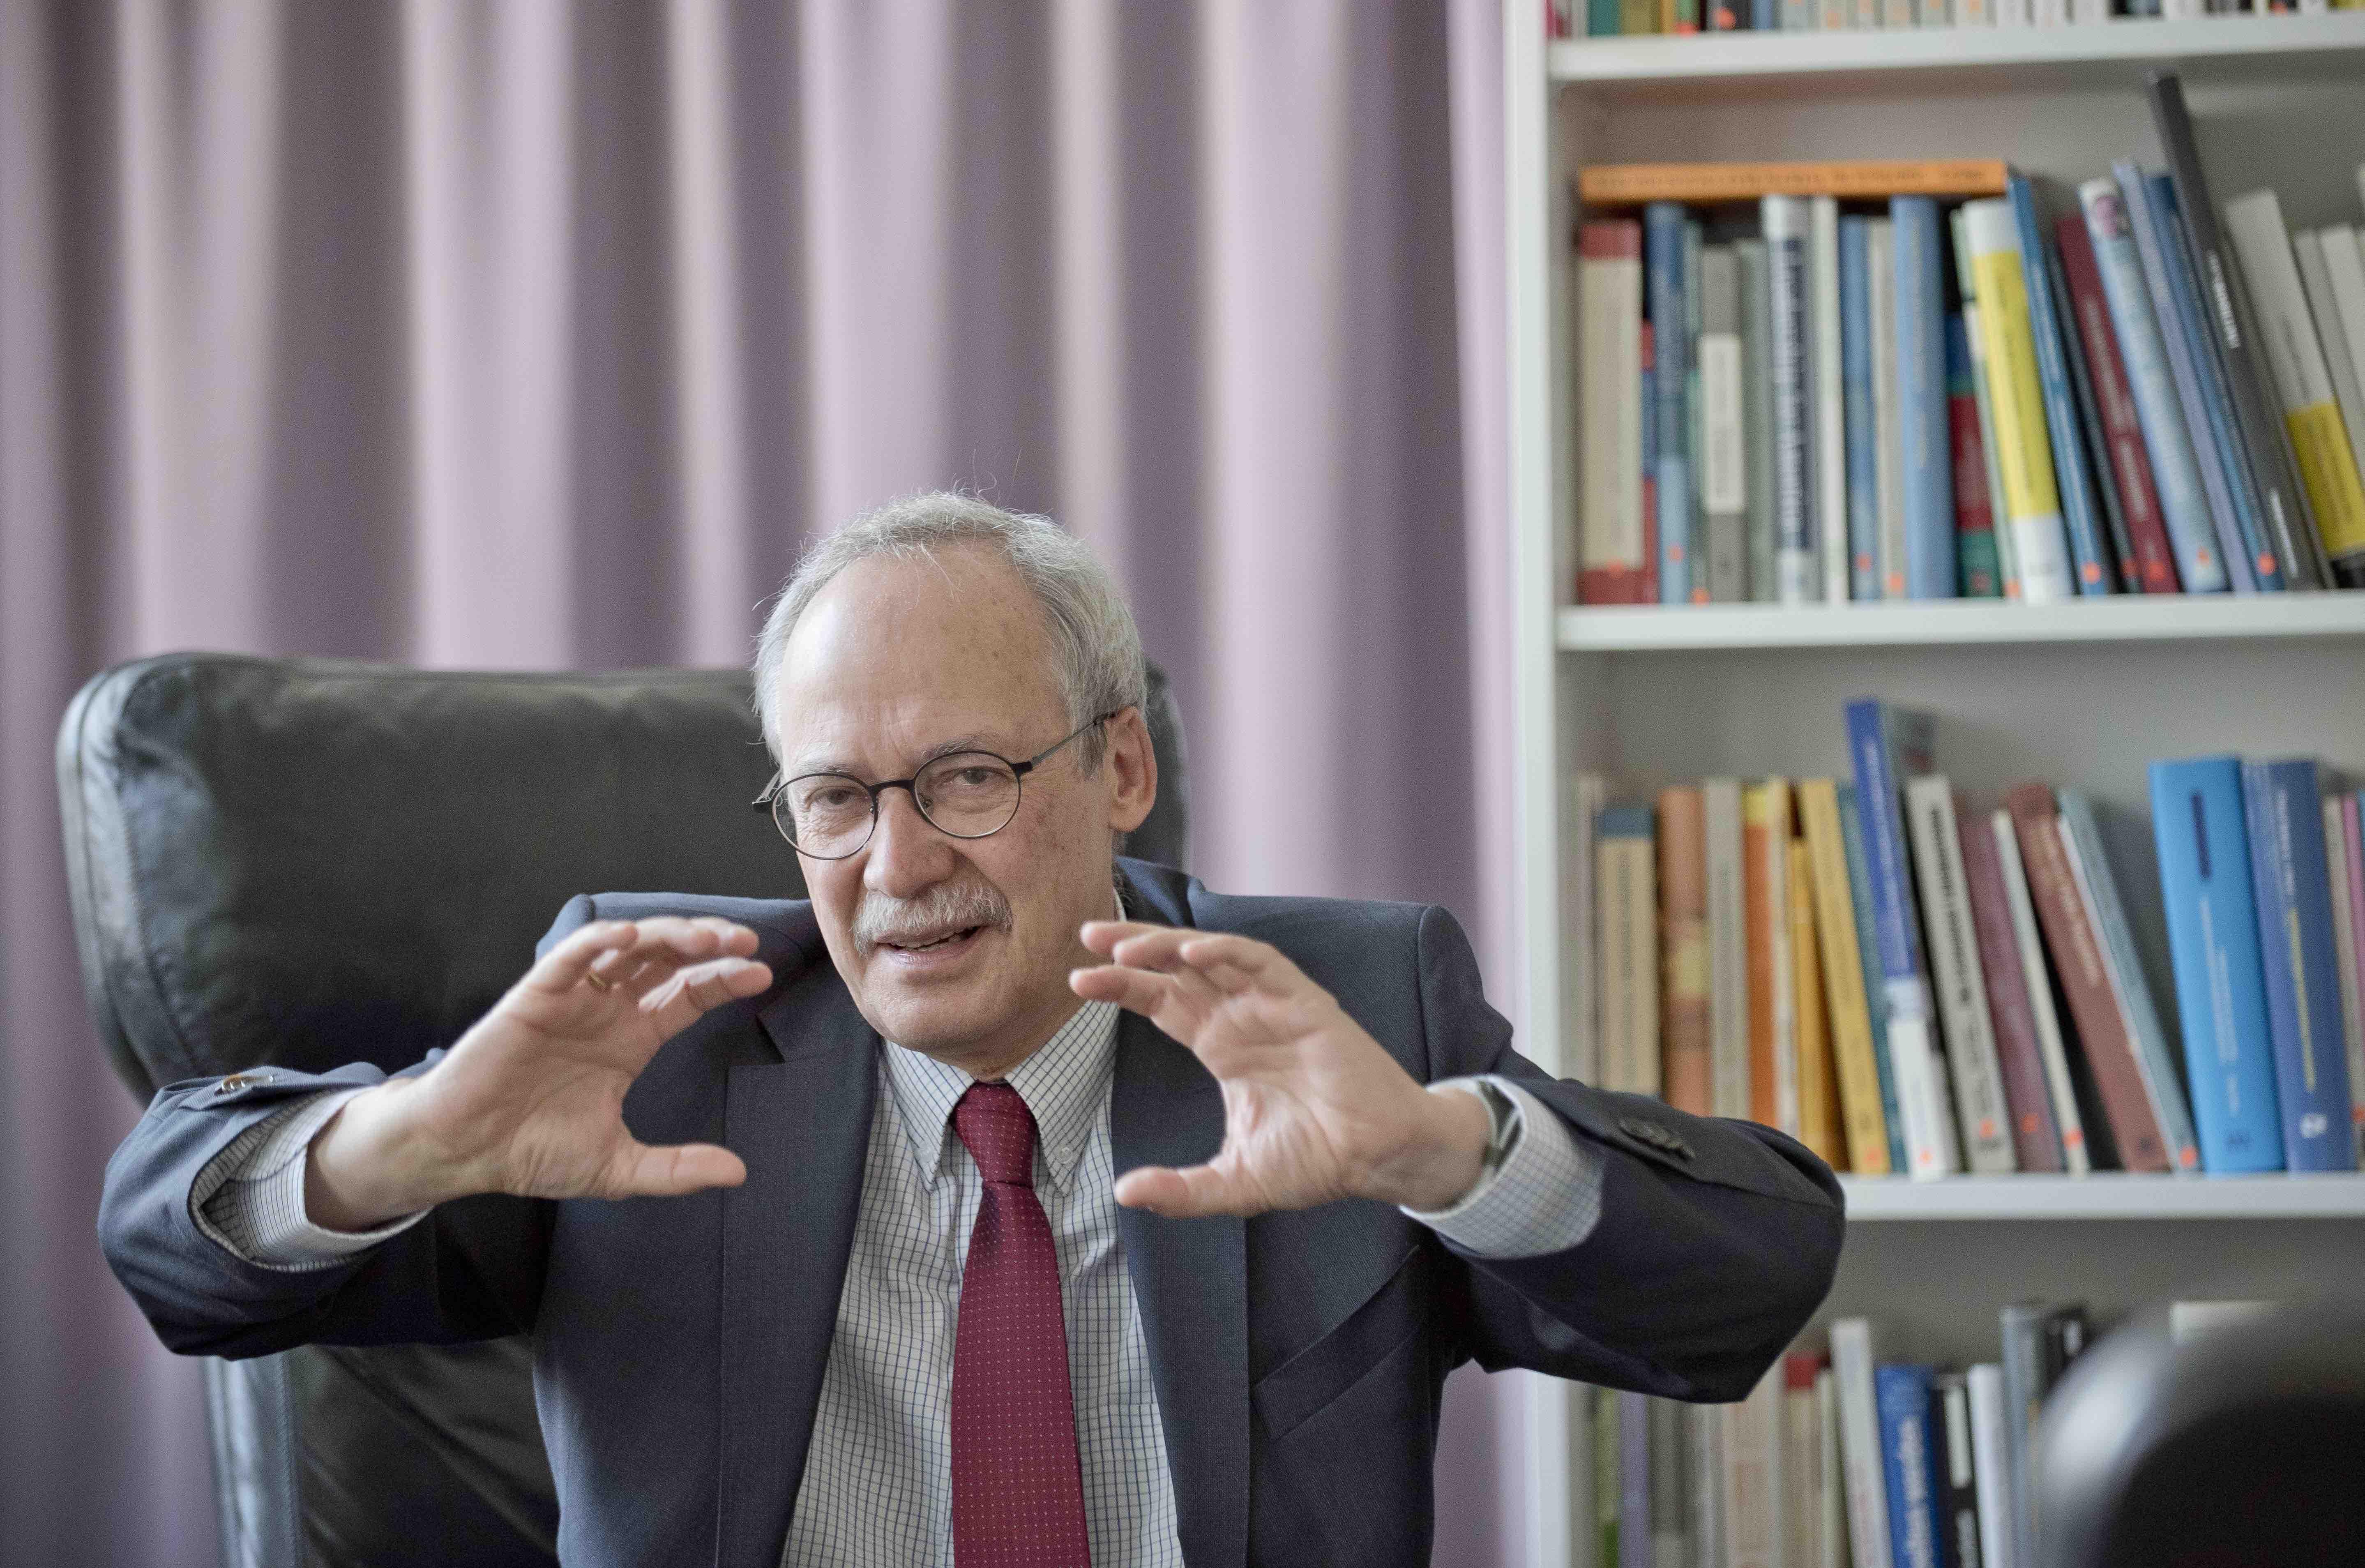 Gerhard Schwarz im Interview mit Hansjörg Müller und Dominik Feusi (BAZ) über echten und falschen Liberalismus, Marxismus in St. Gallen und Whiskey als Anlageobjekt. Foto: Florian Bärtschiger